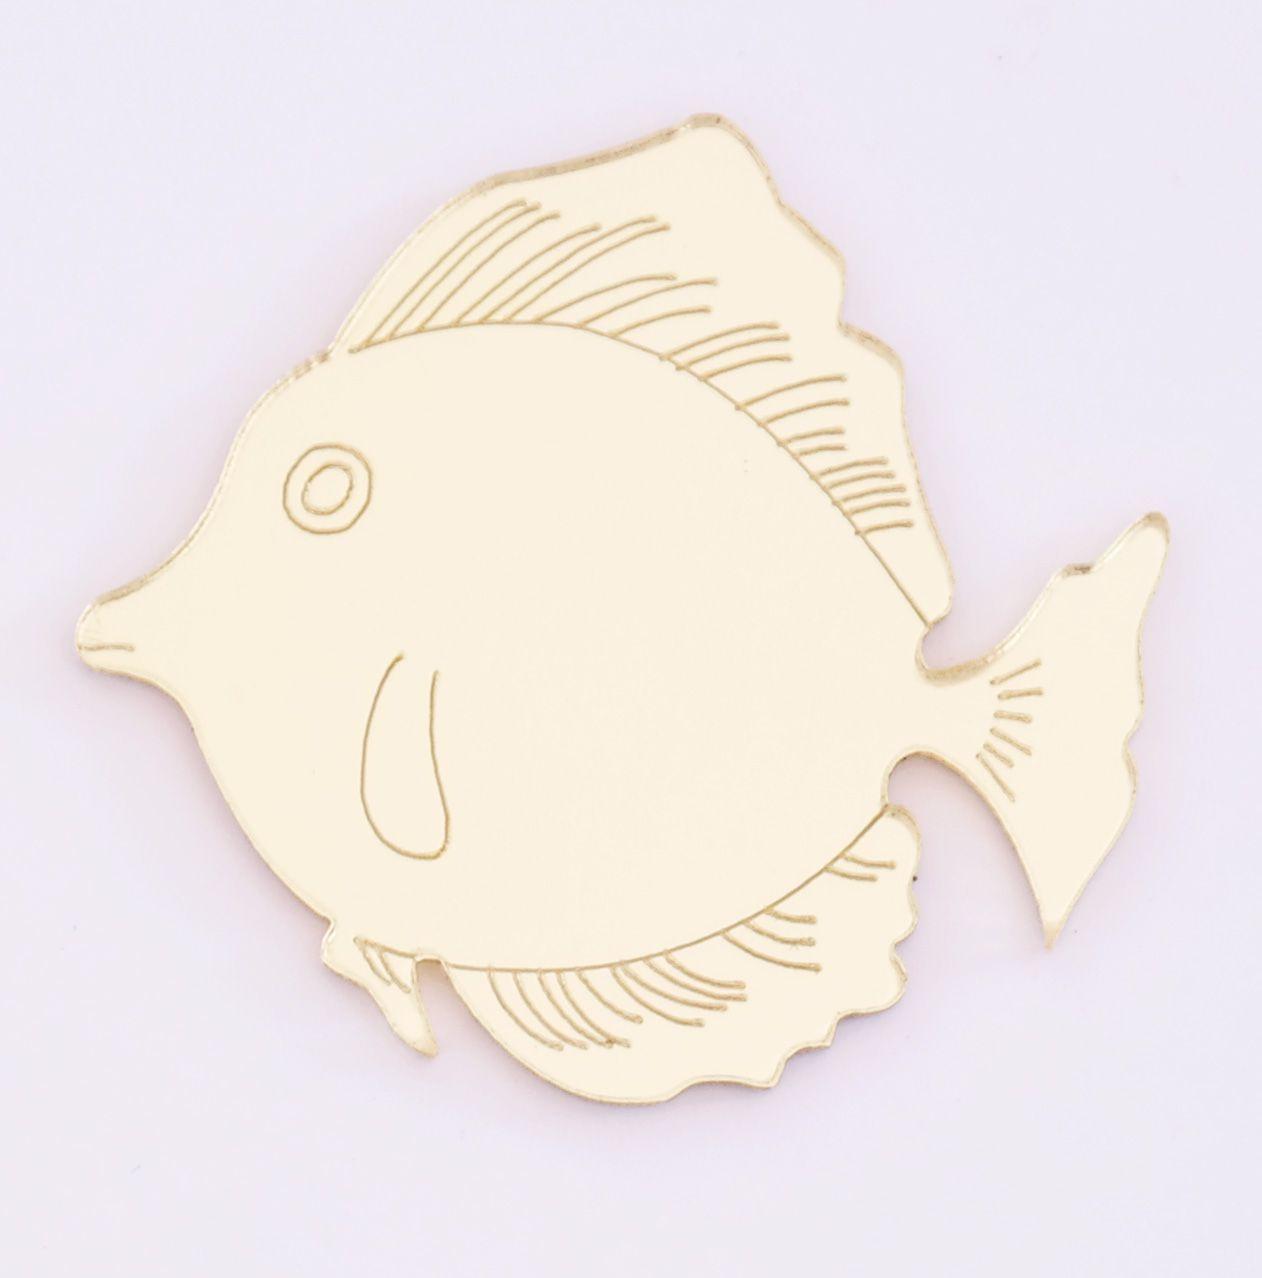 Aplique em acrílico espelhado - Fundo do Mar Peixe - 5cm - 10 peças